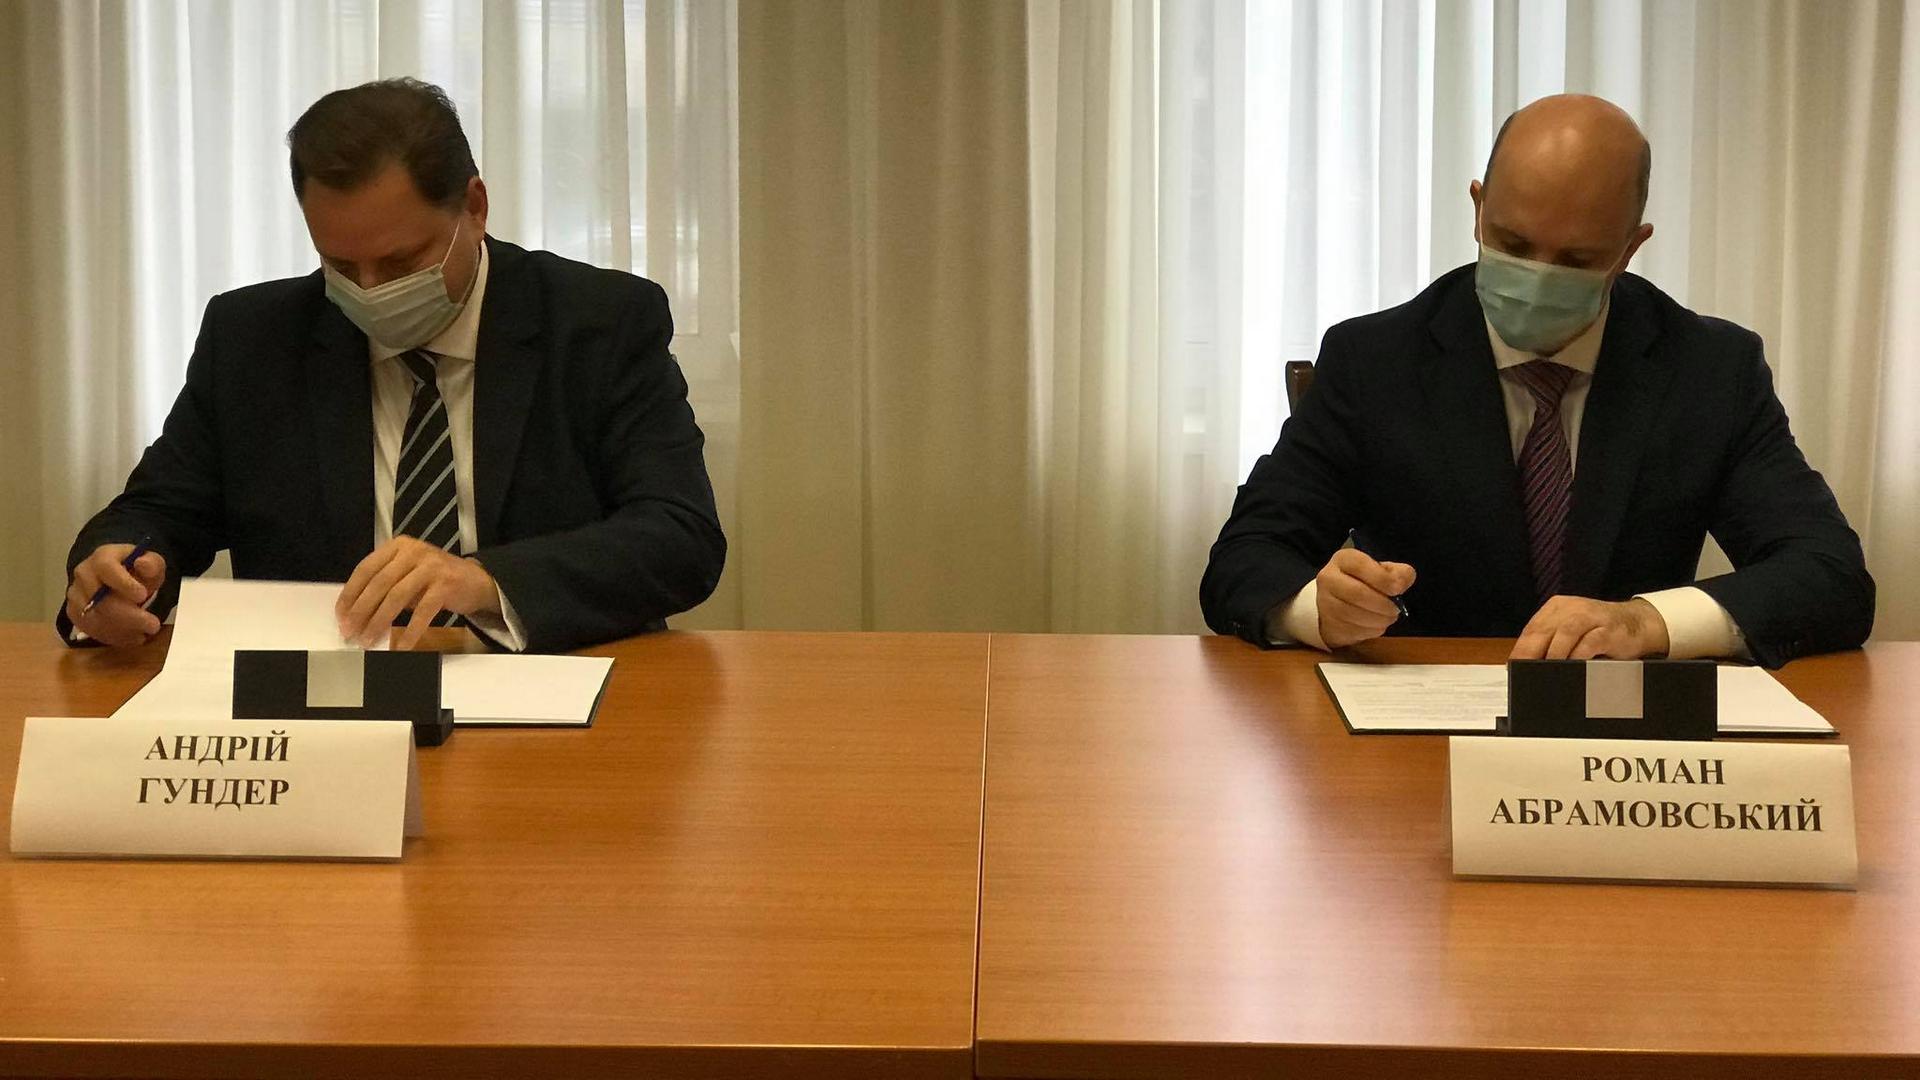 Міністерство захисту довкілля та природних ресурсів України та Американська торговельна палата в Україні підписали Меморандум про співпрацю